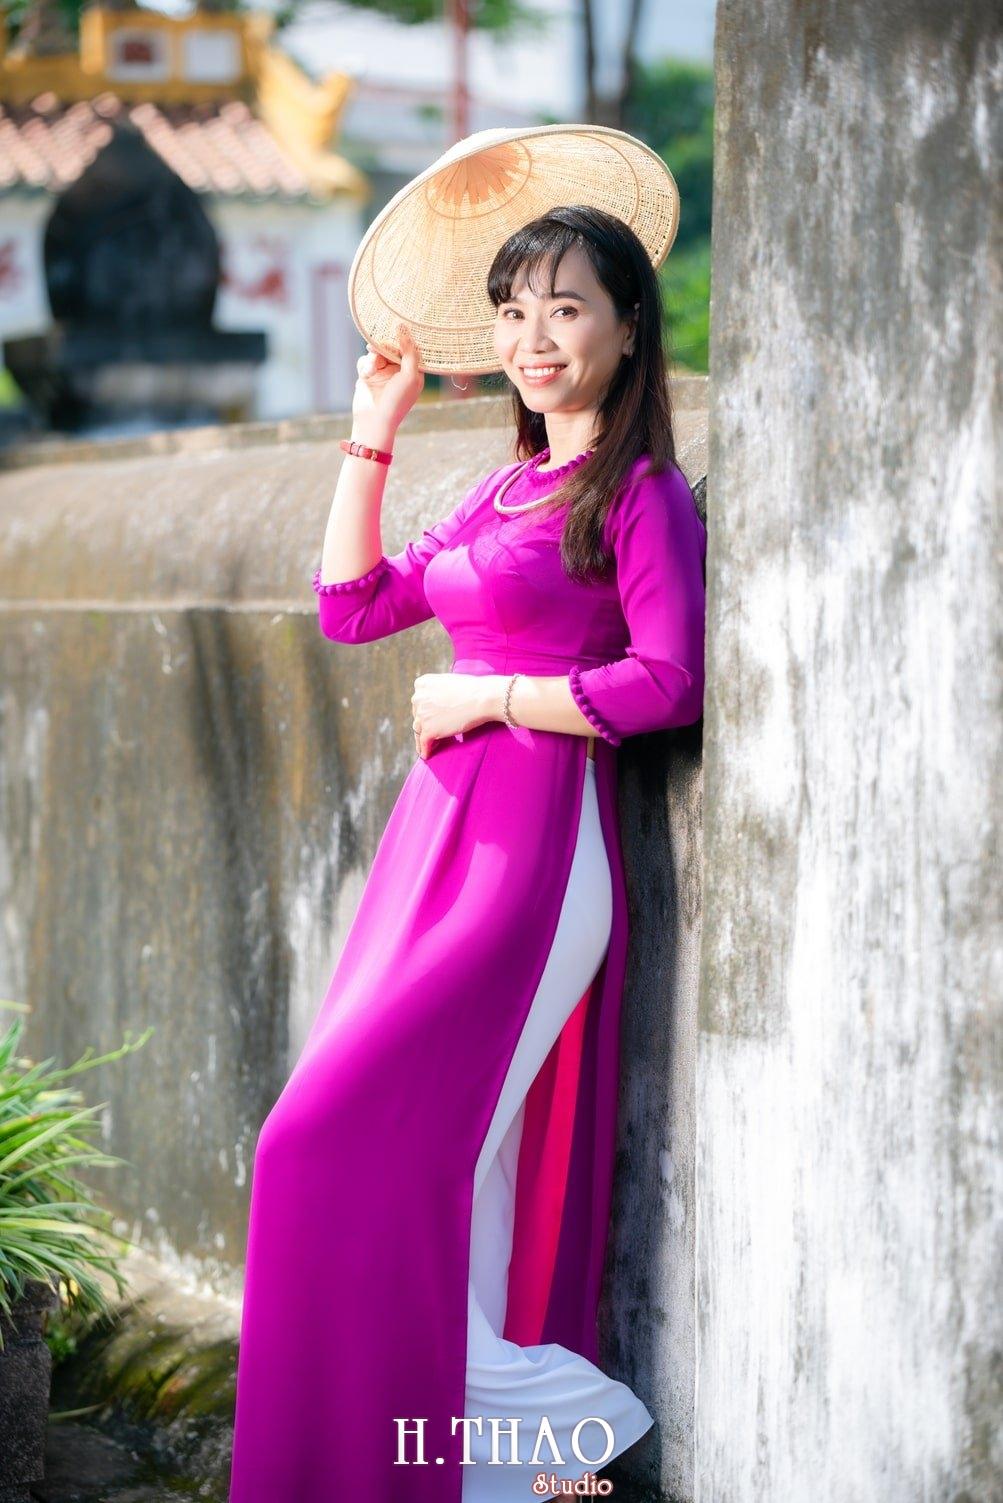 Ao dai viet nam 16 - Album áo dài tím, áo dài trắng thướt tha trong gió - HThao Studio